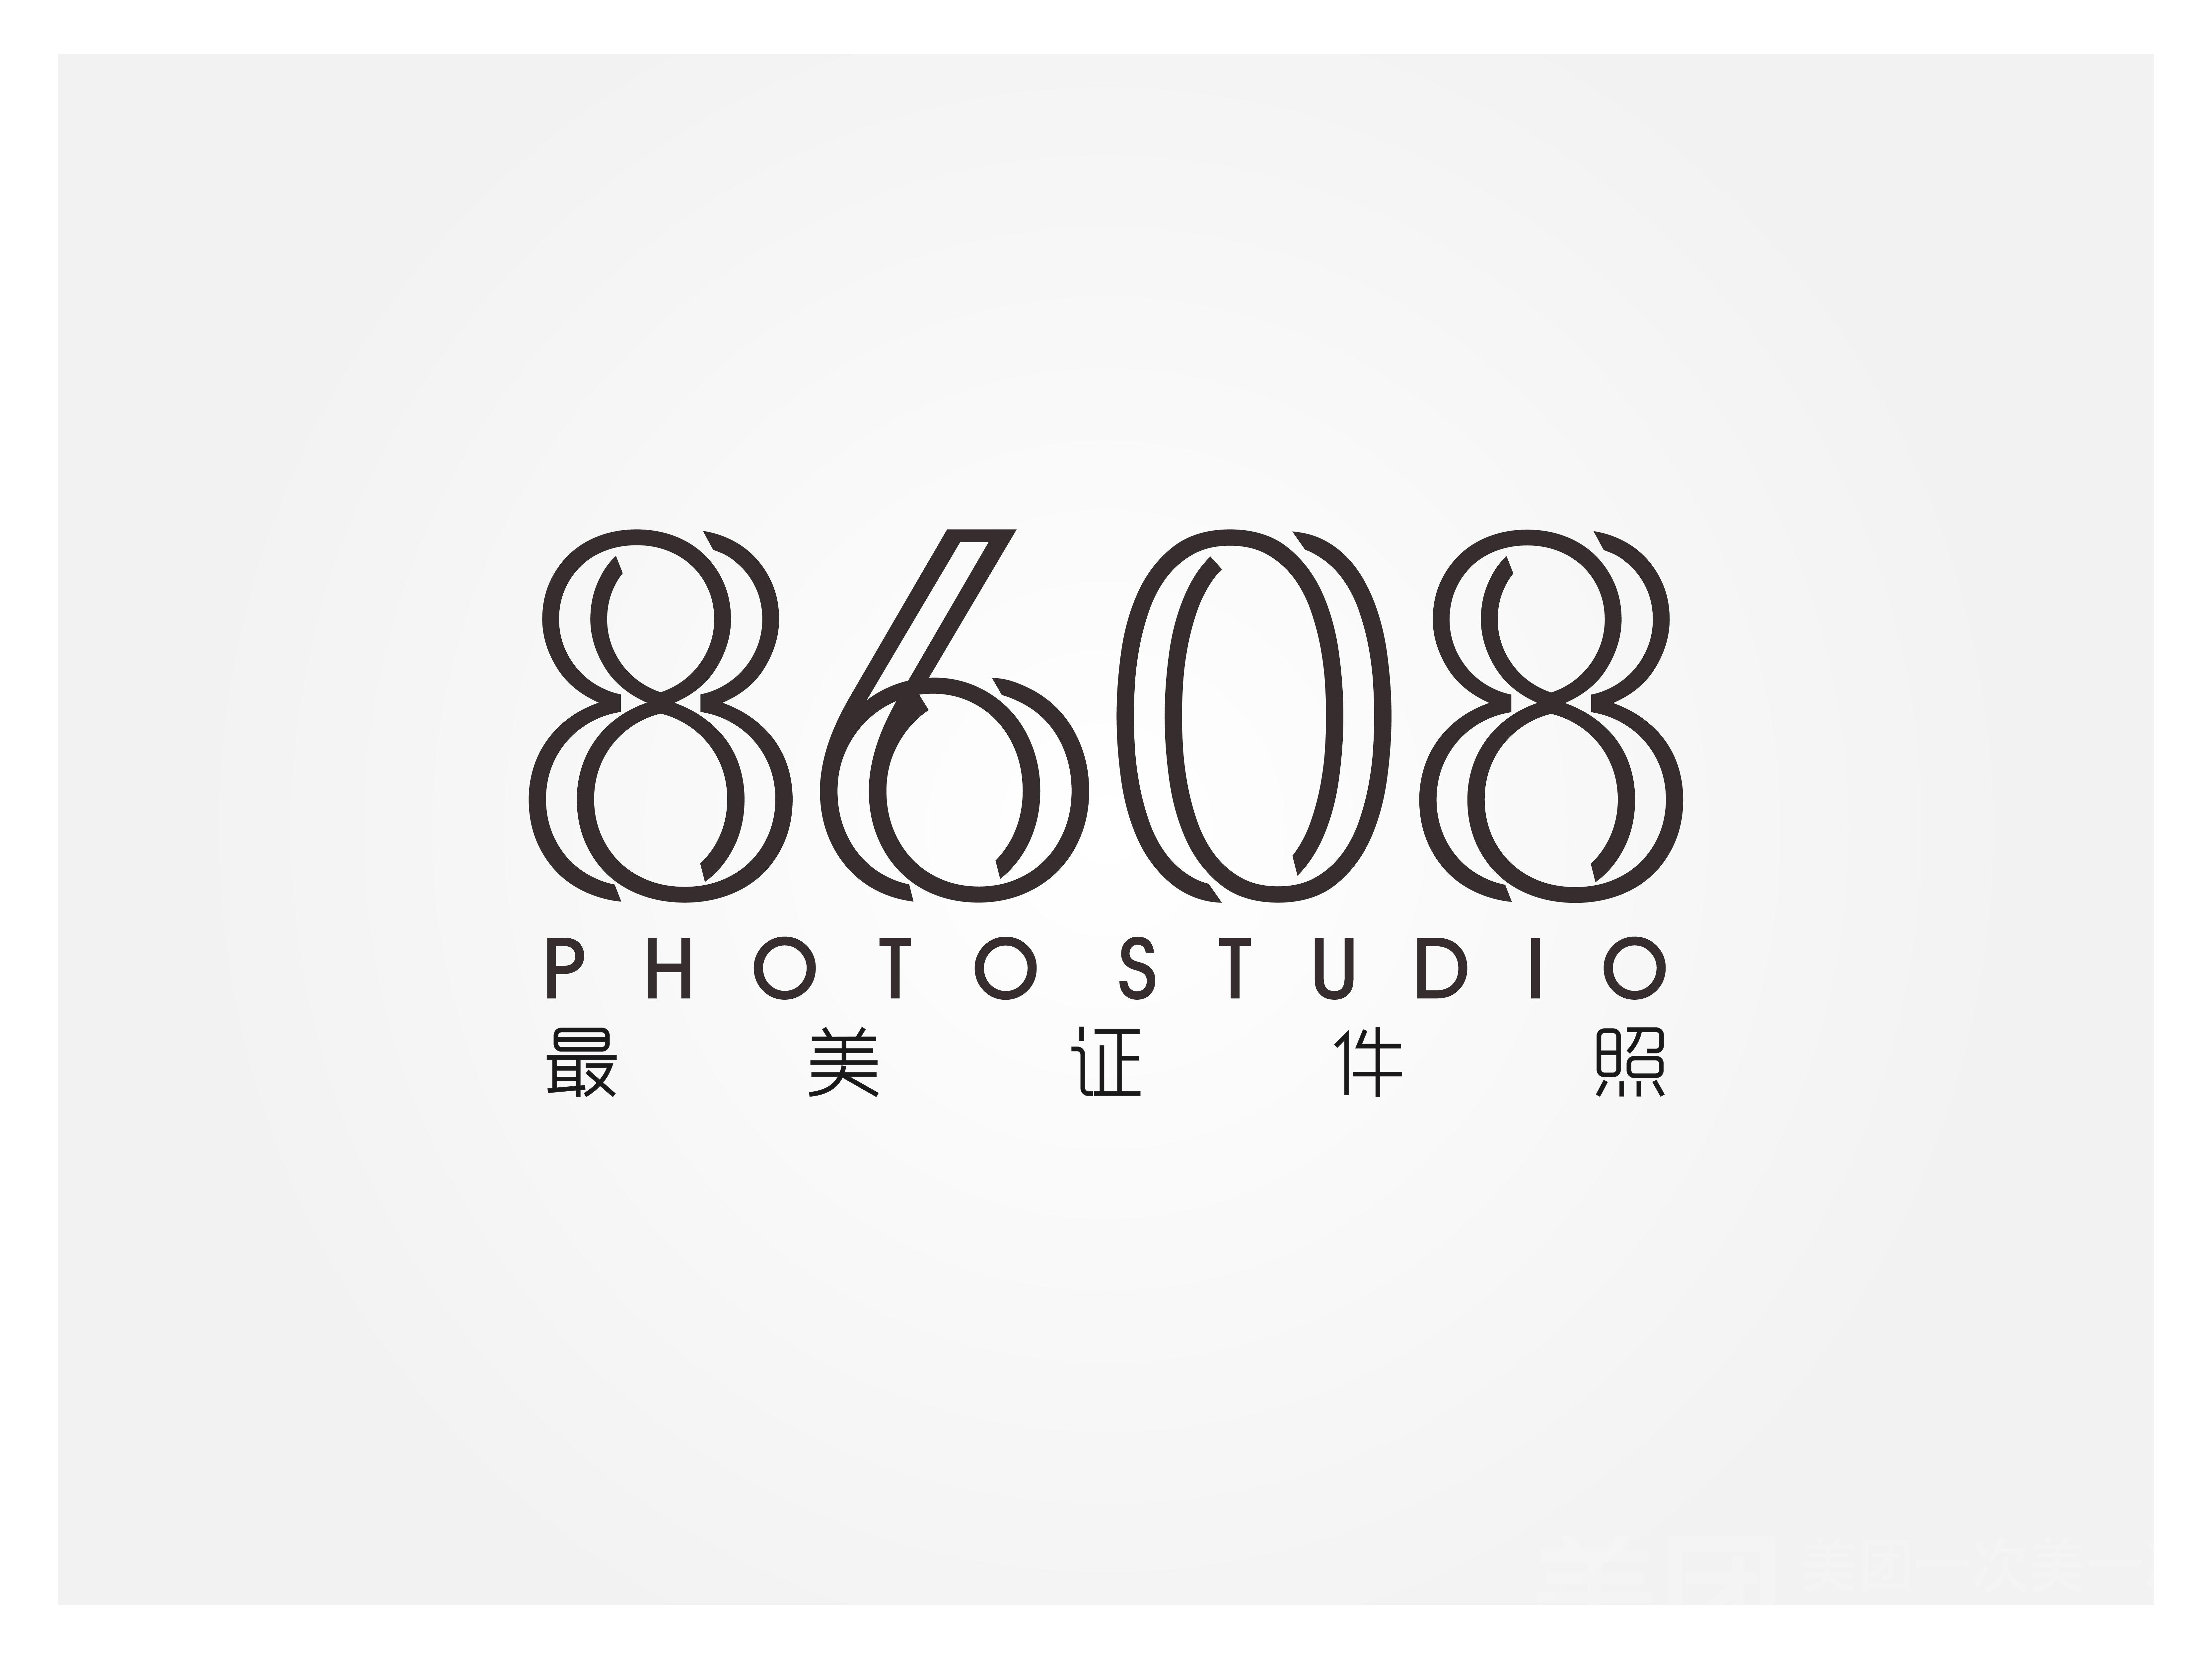 8608最美证件照-美团